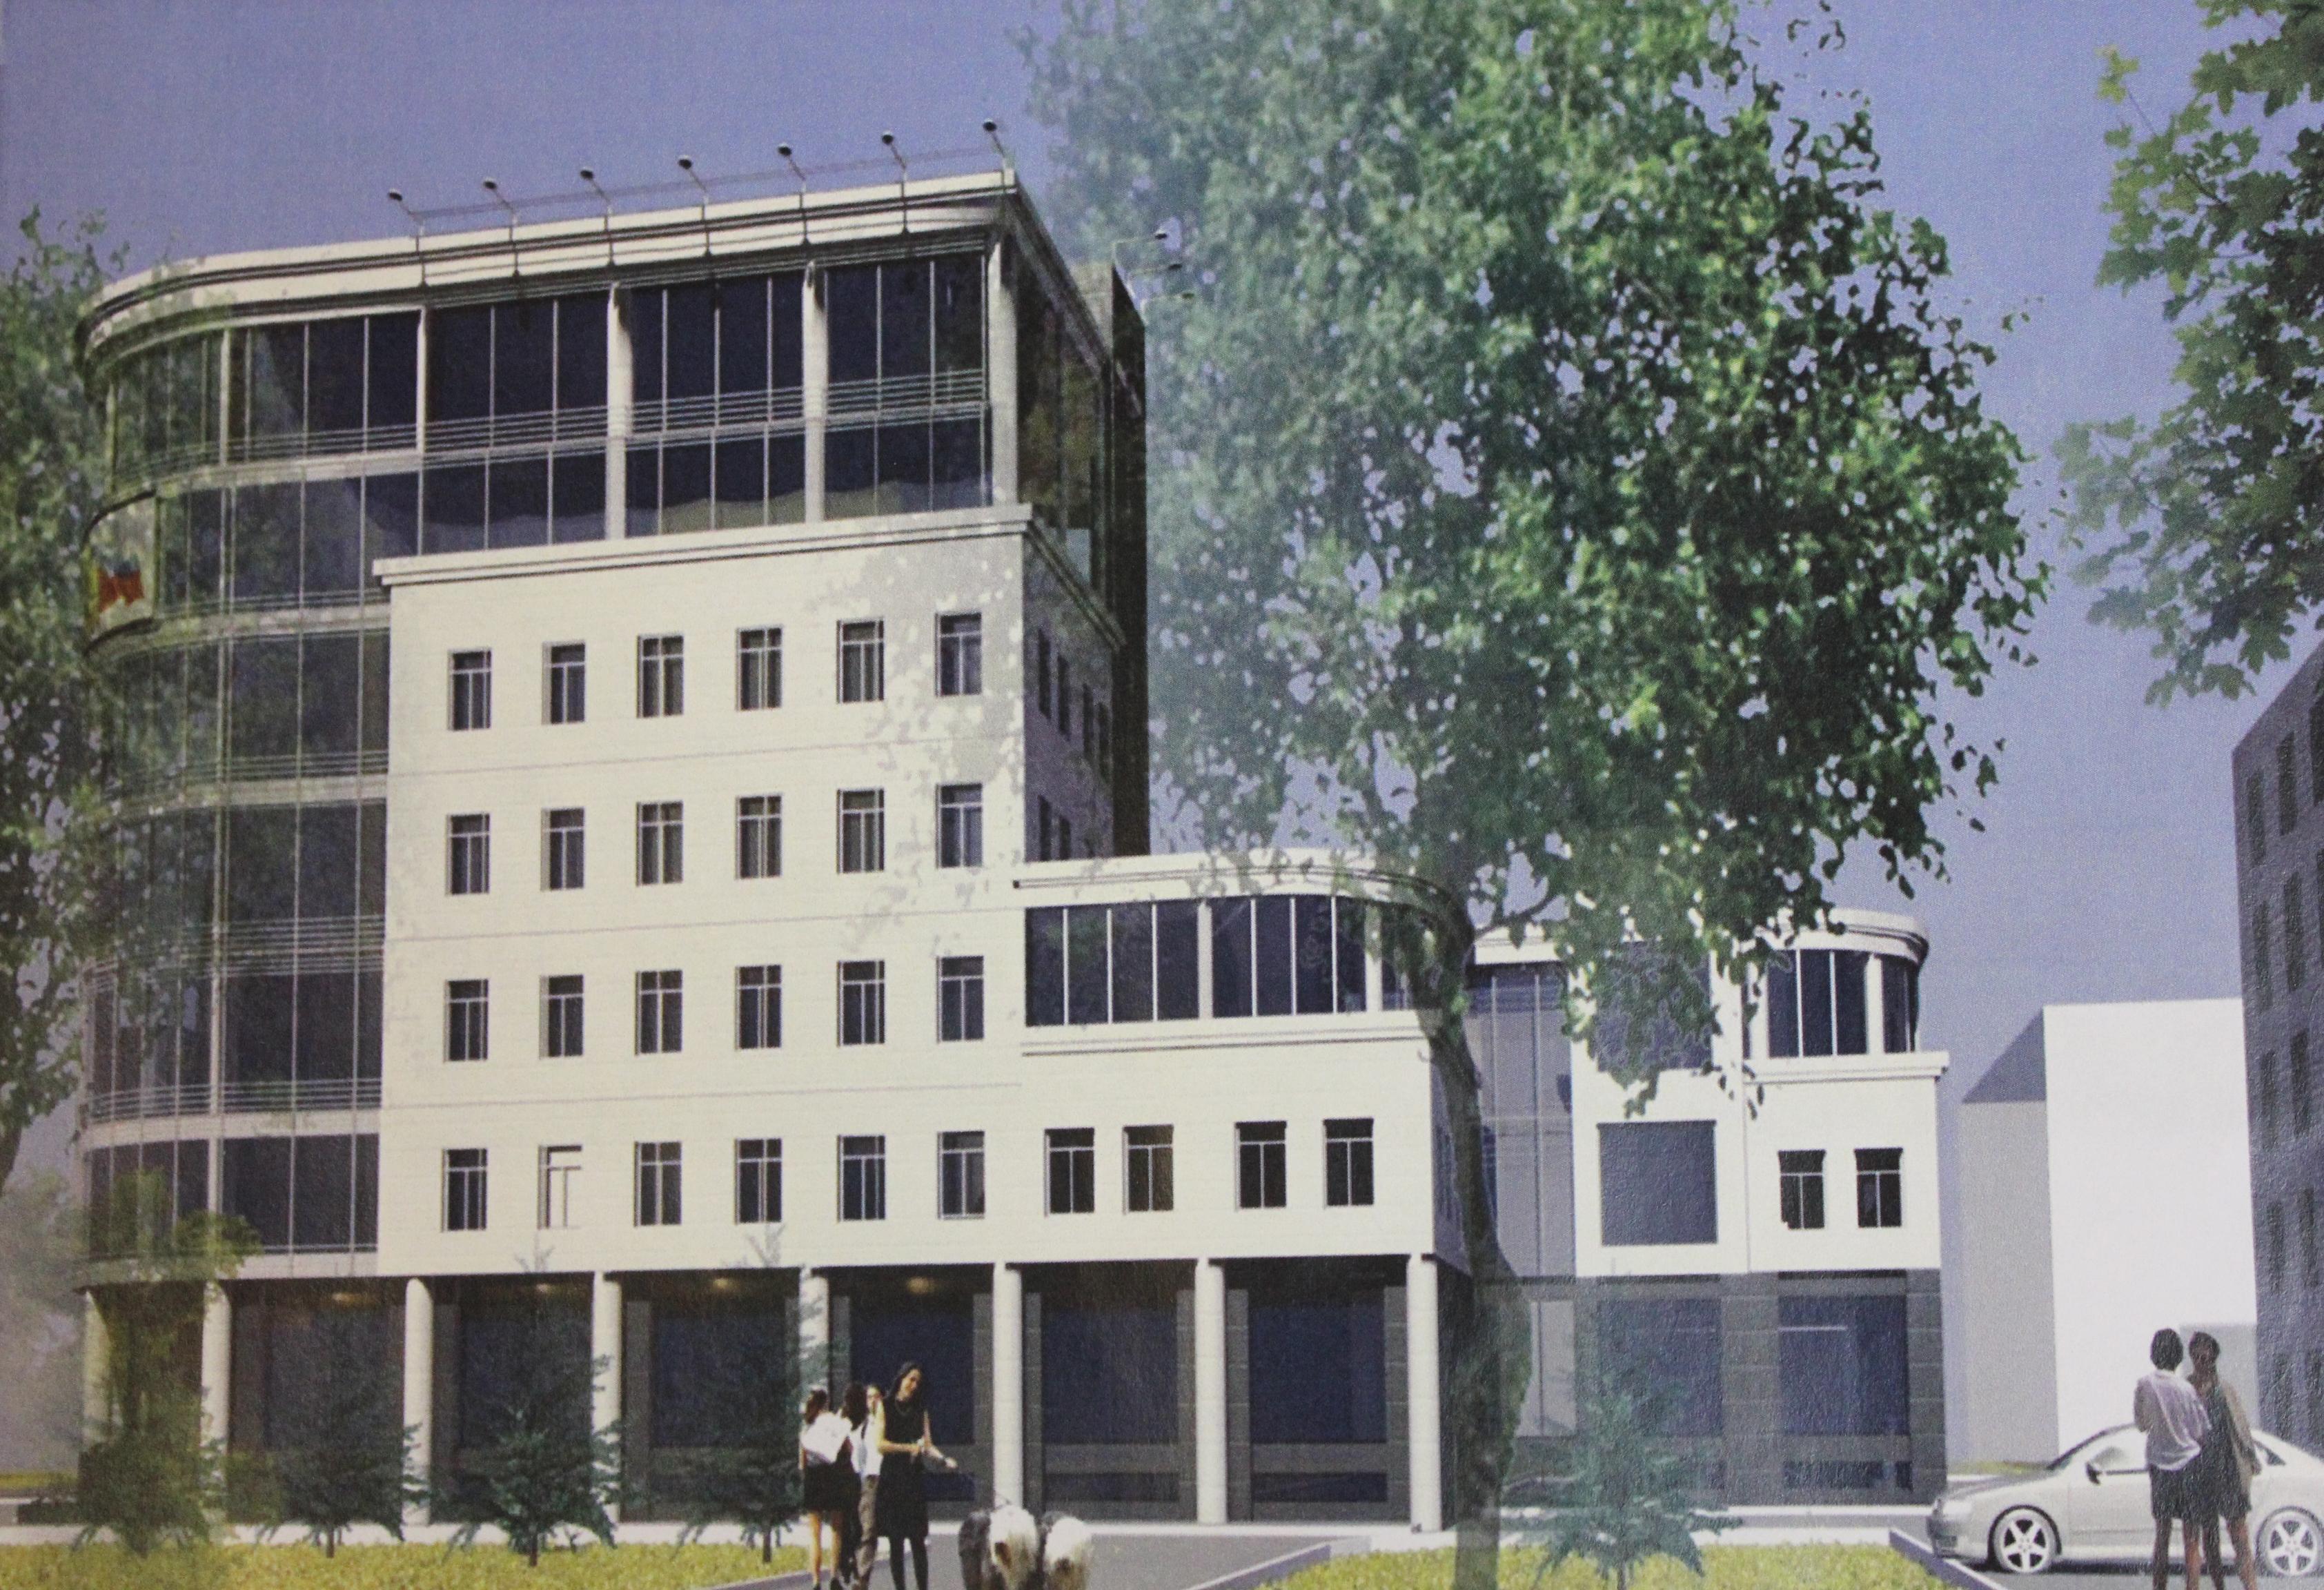 Вологжане написали открытое письмо главе региона против строительства 7-этажного здания МЧС в центре города